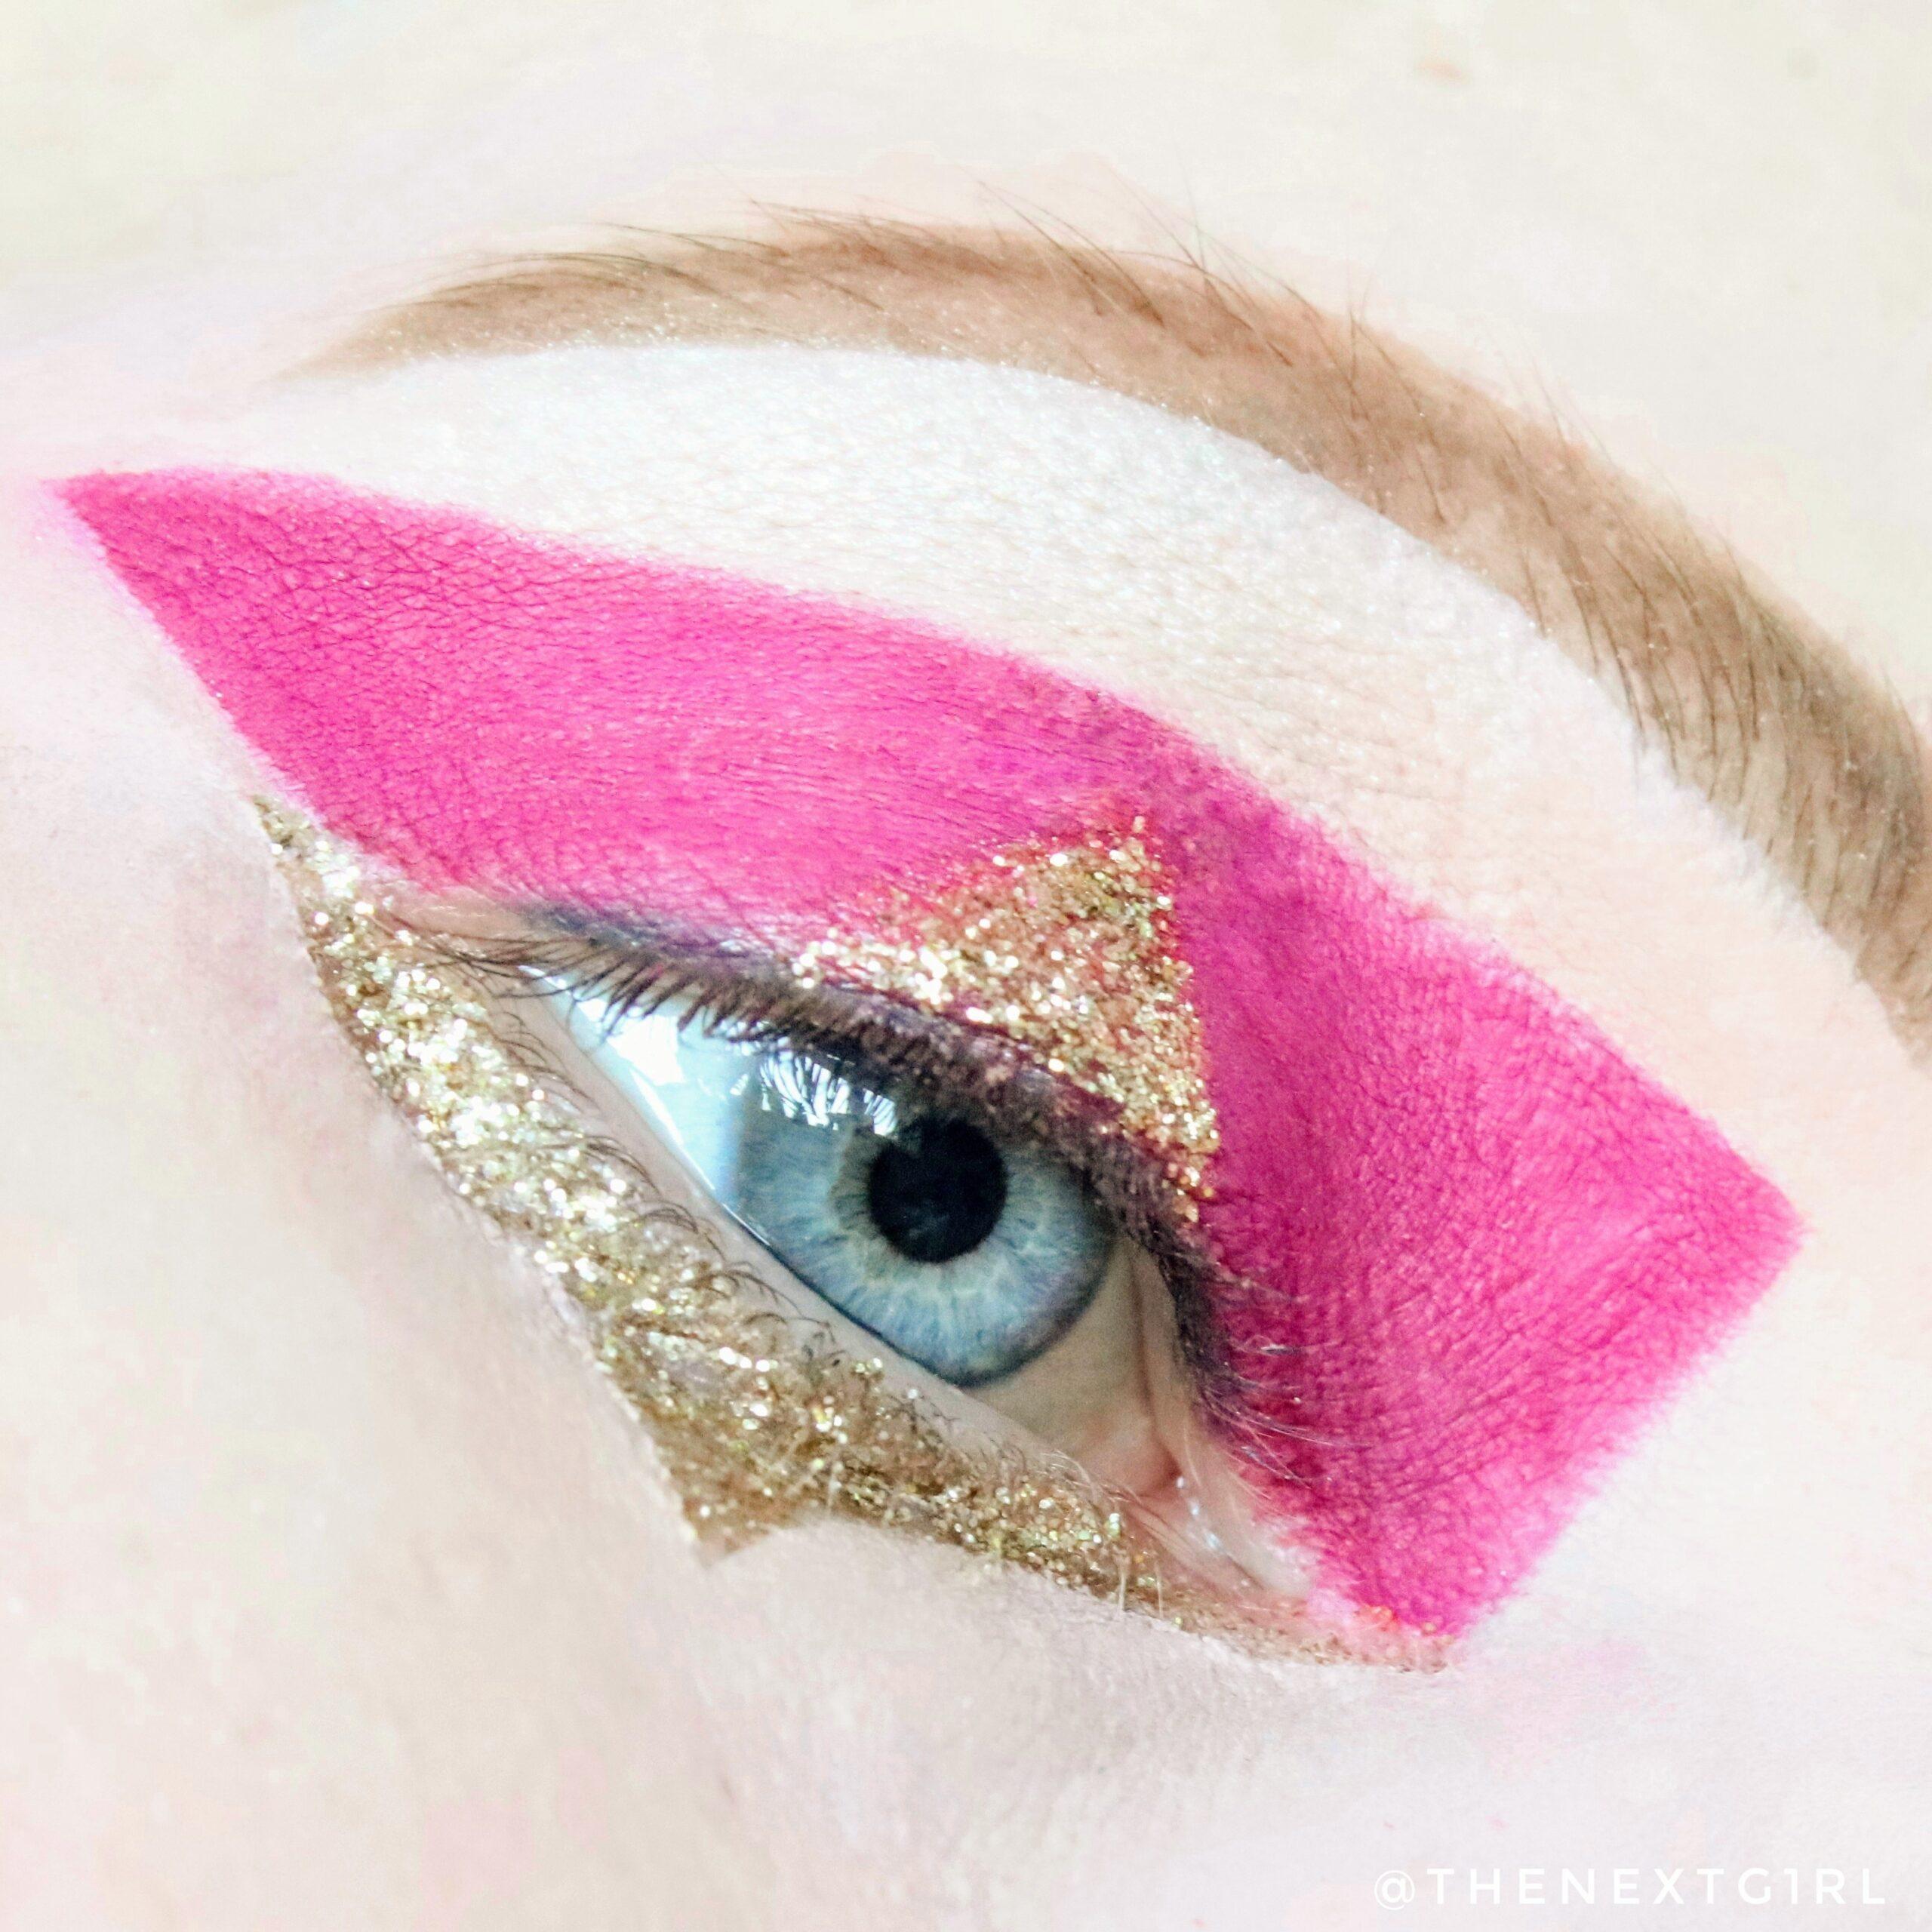 Ooglook Morphe Jeffree Star Artistry palette